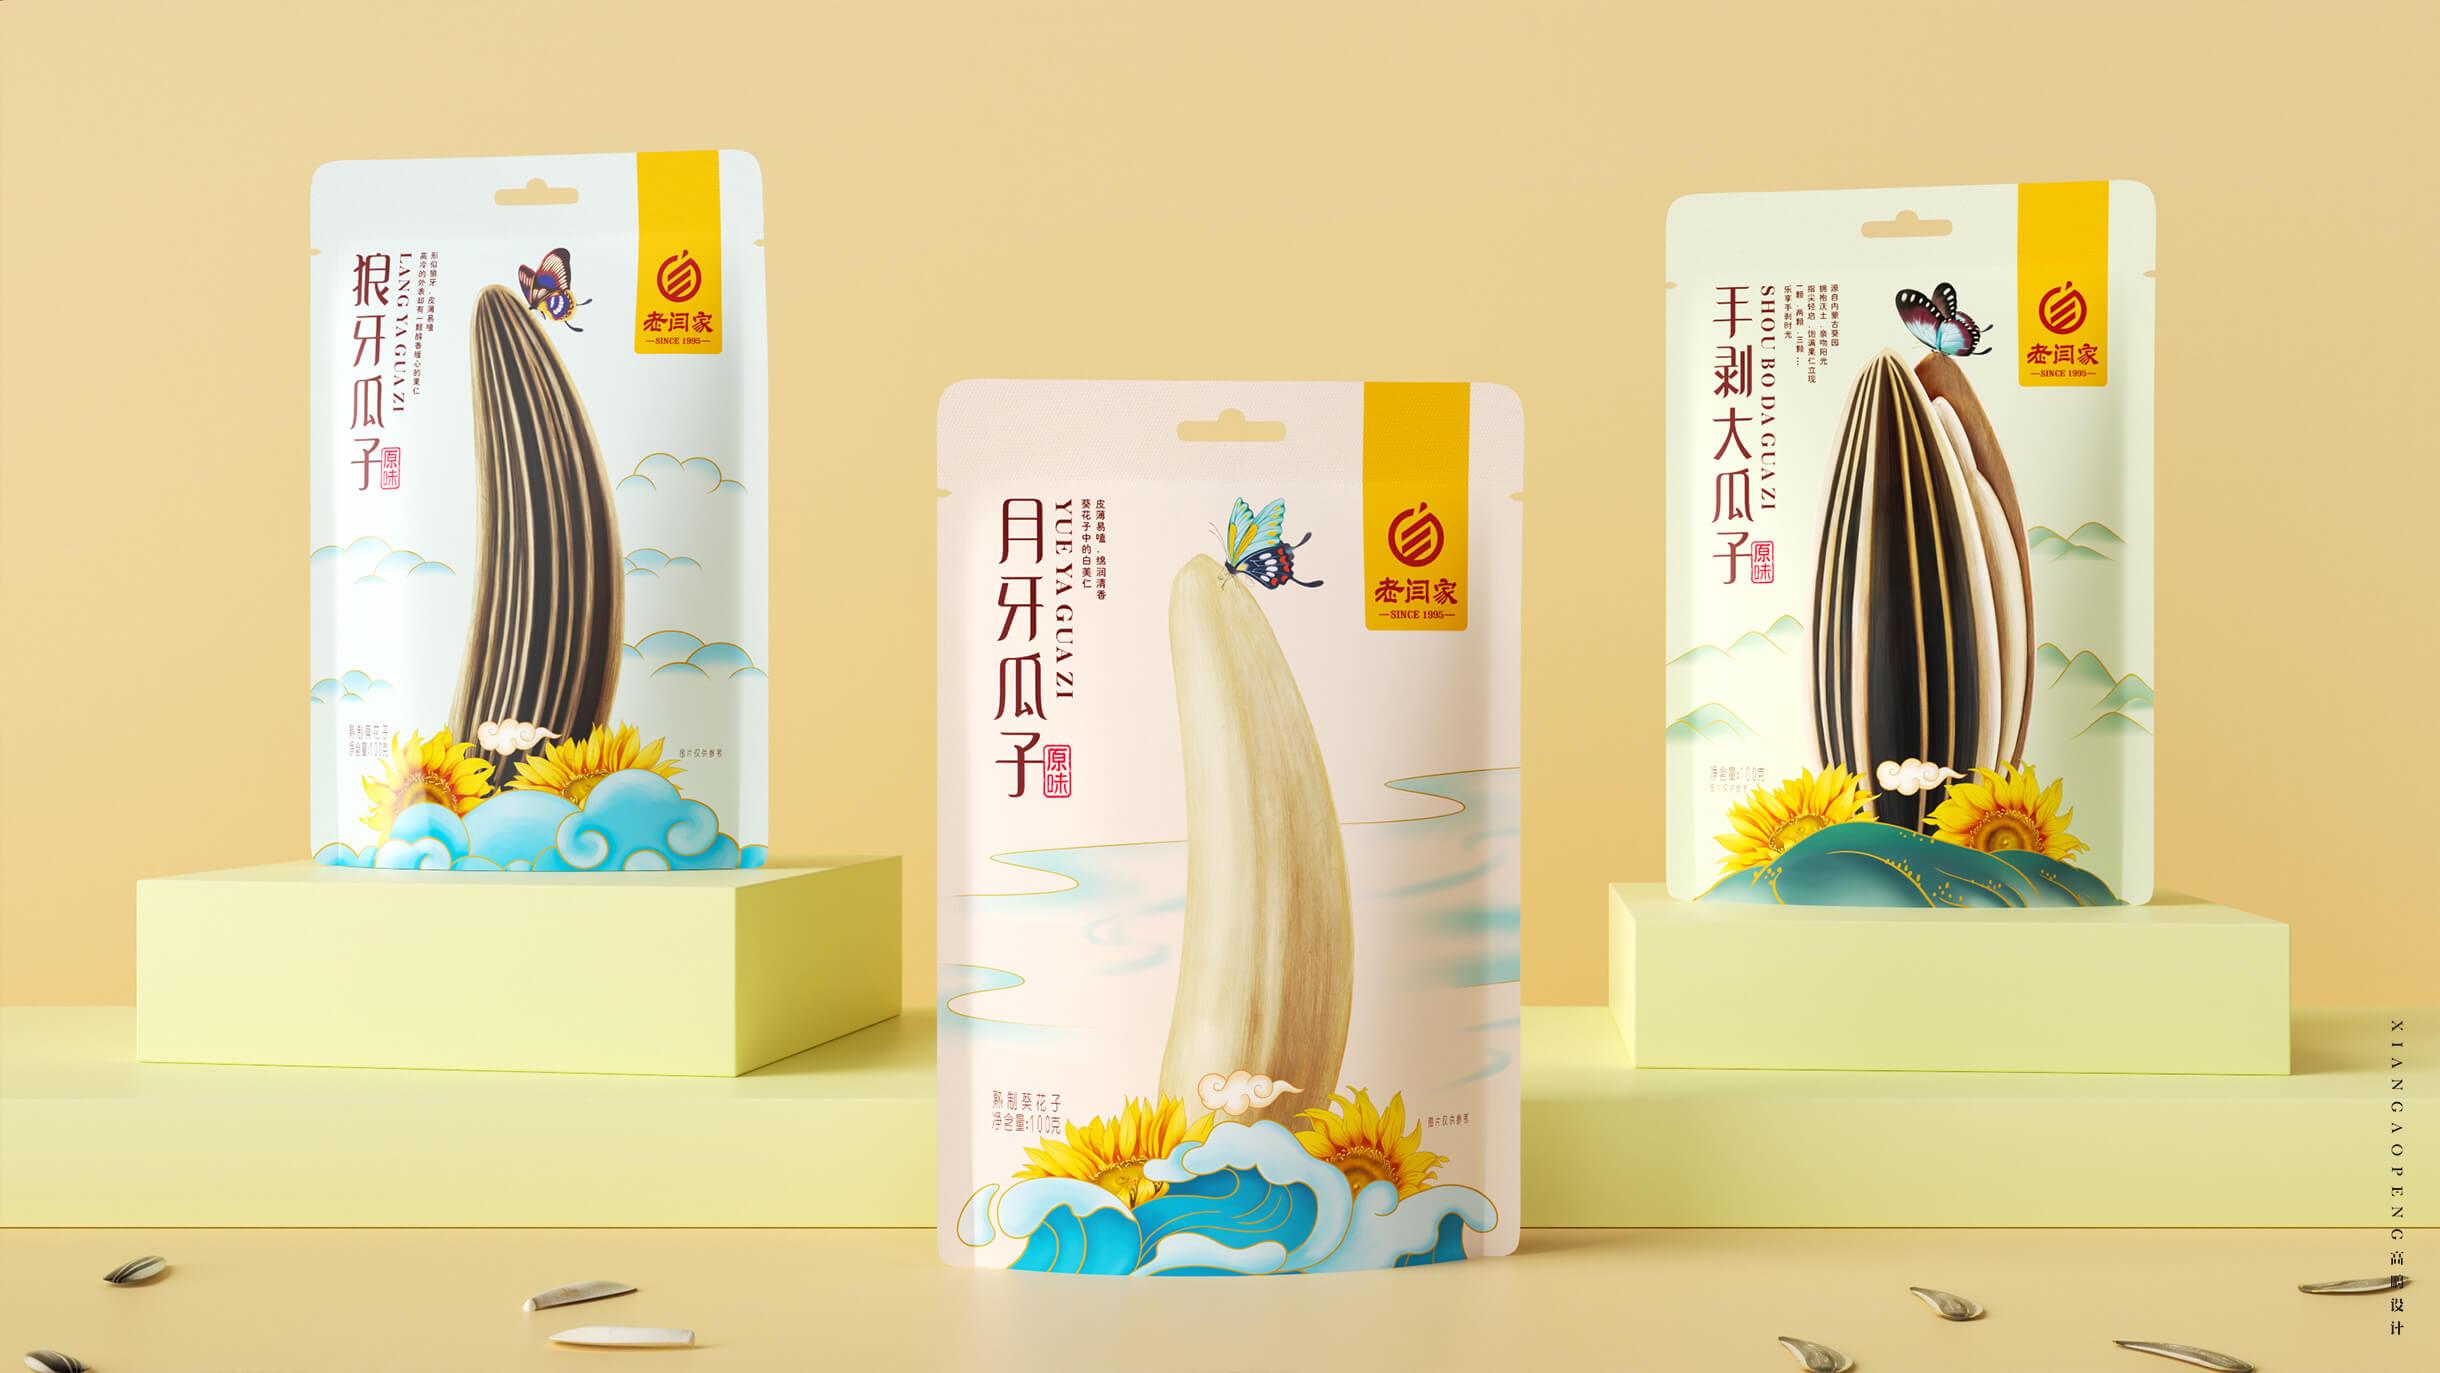 高鹏设计——瓜子坚果包装设计图片